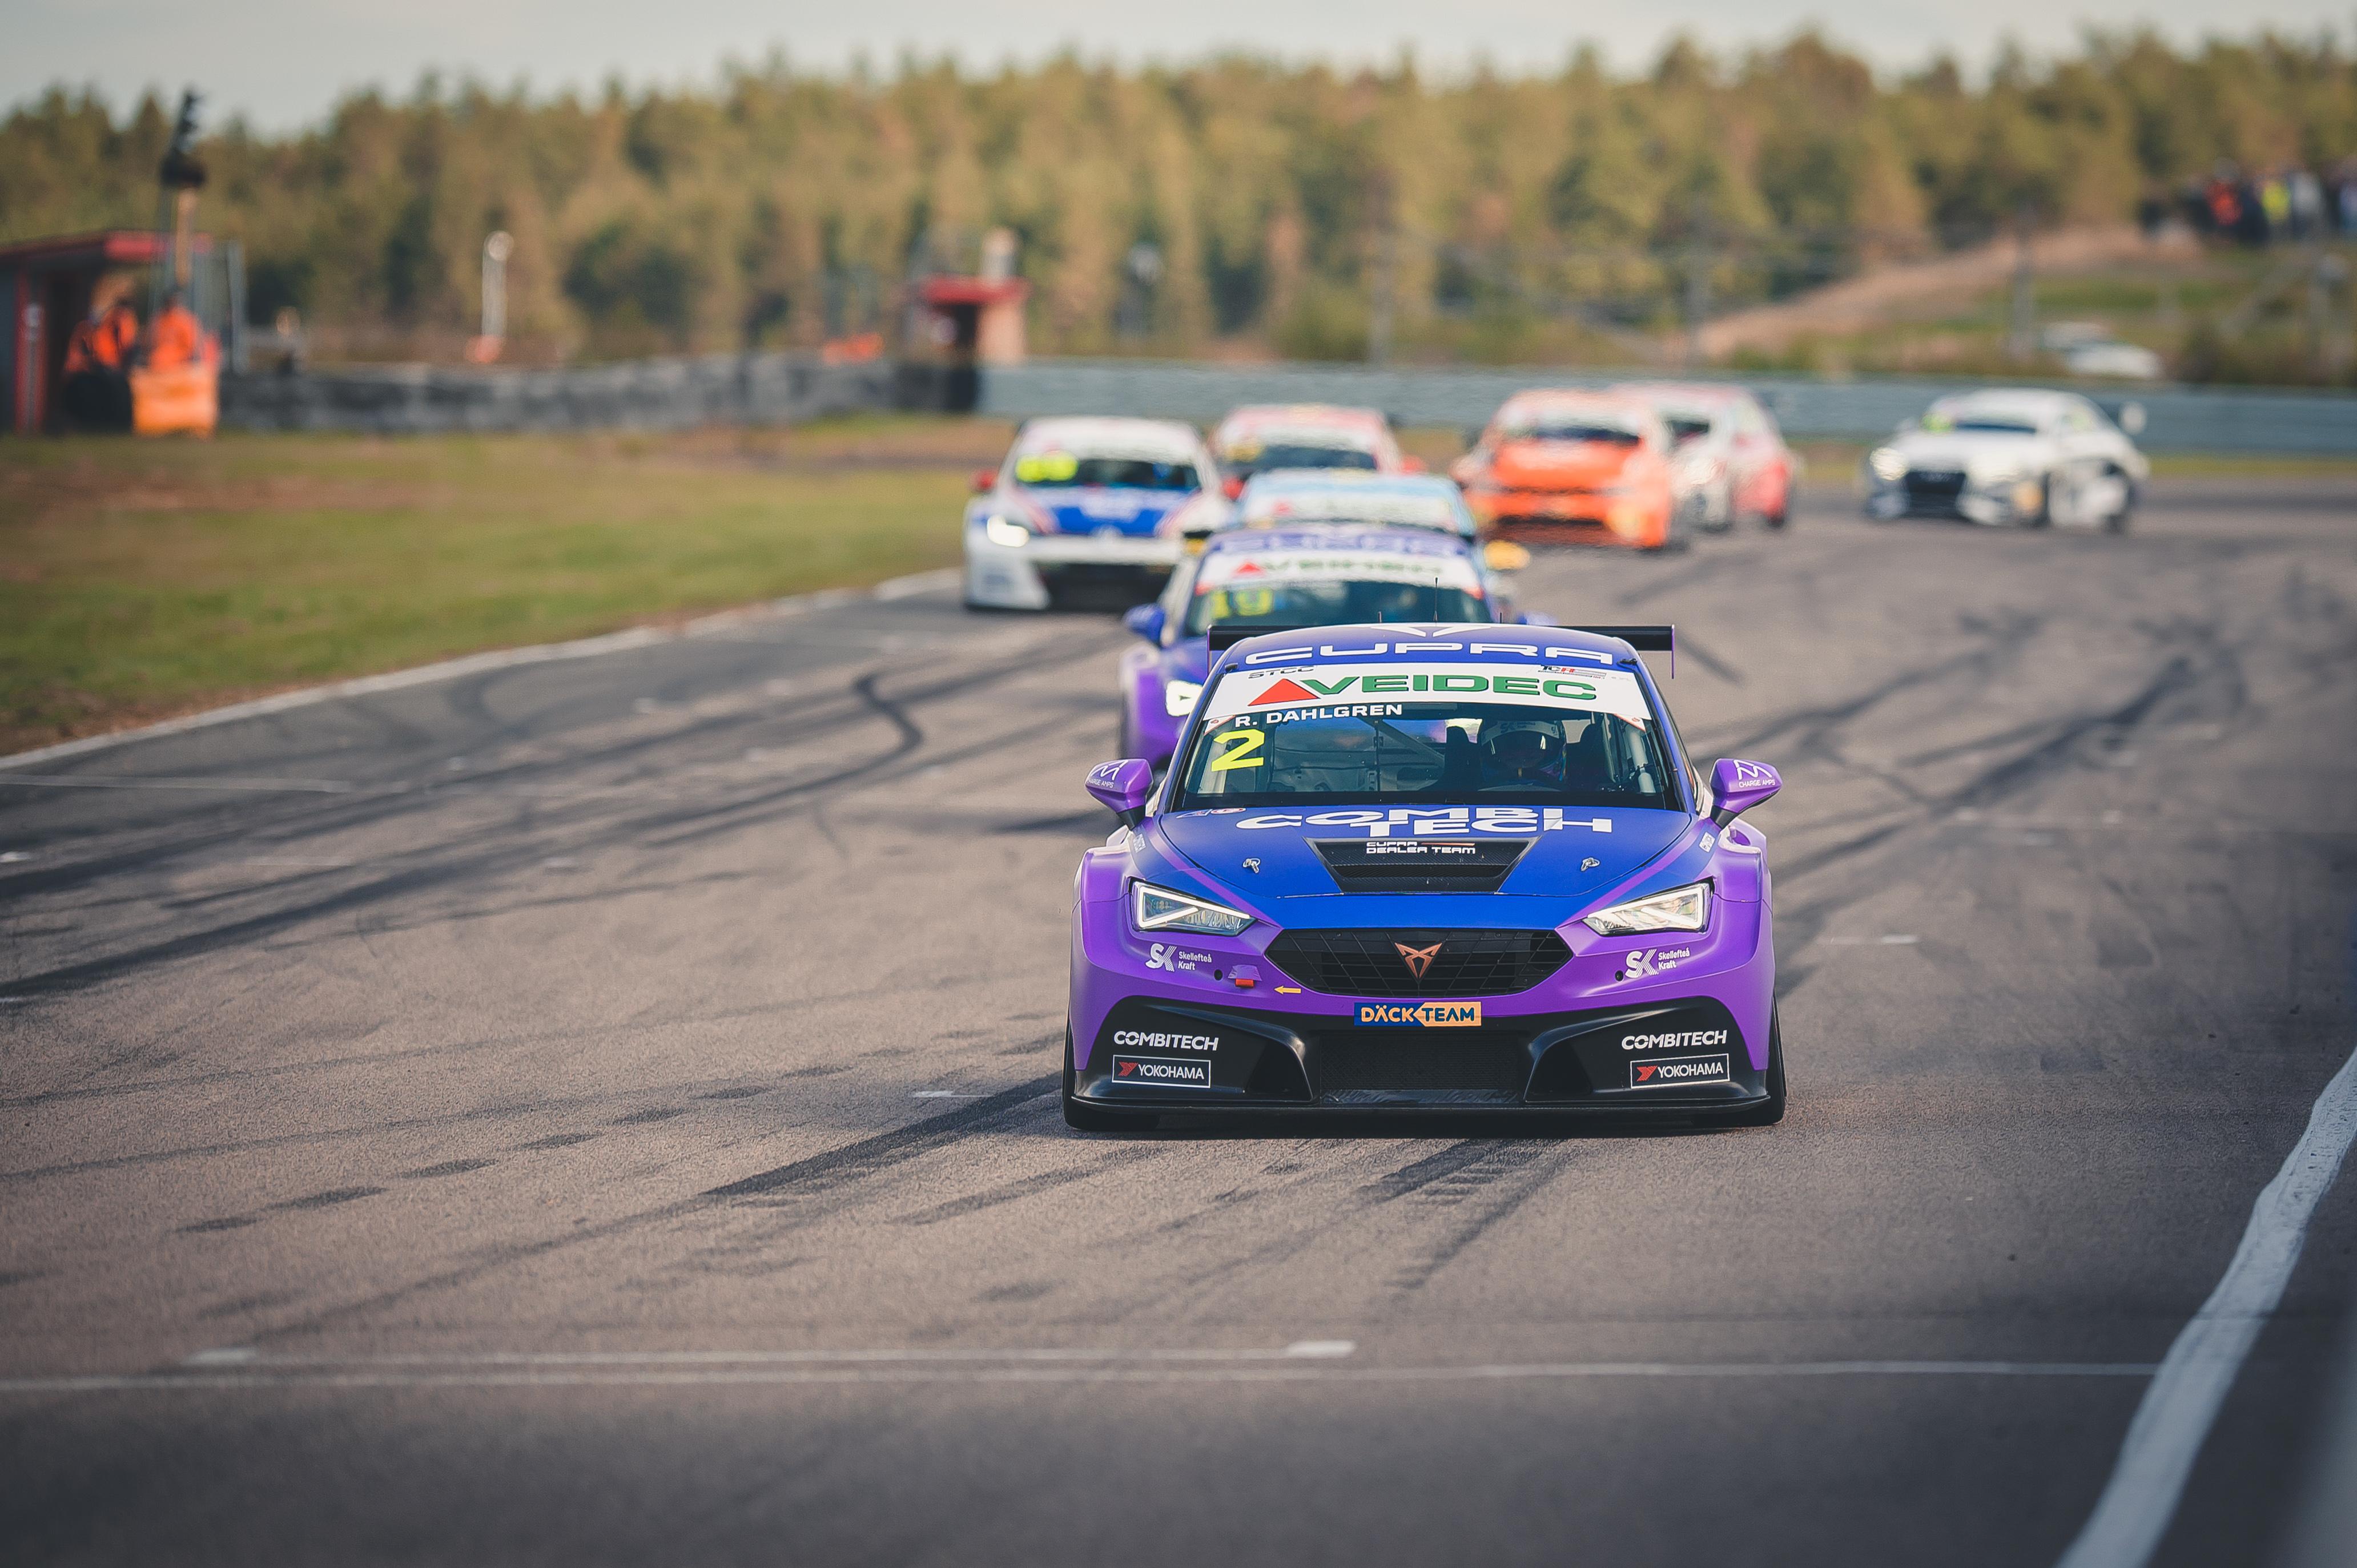 CUPRA Dealer Team - PWR Racing utökar STCC-ledning med tangerat rekord